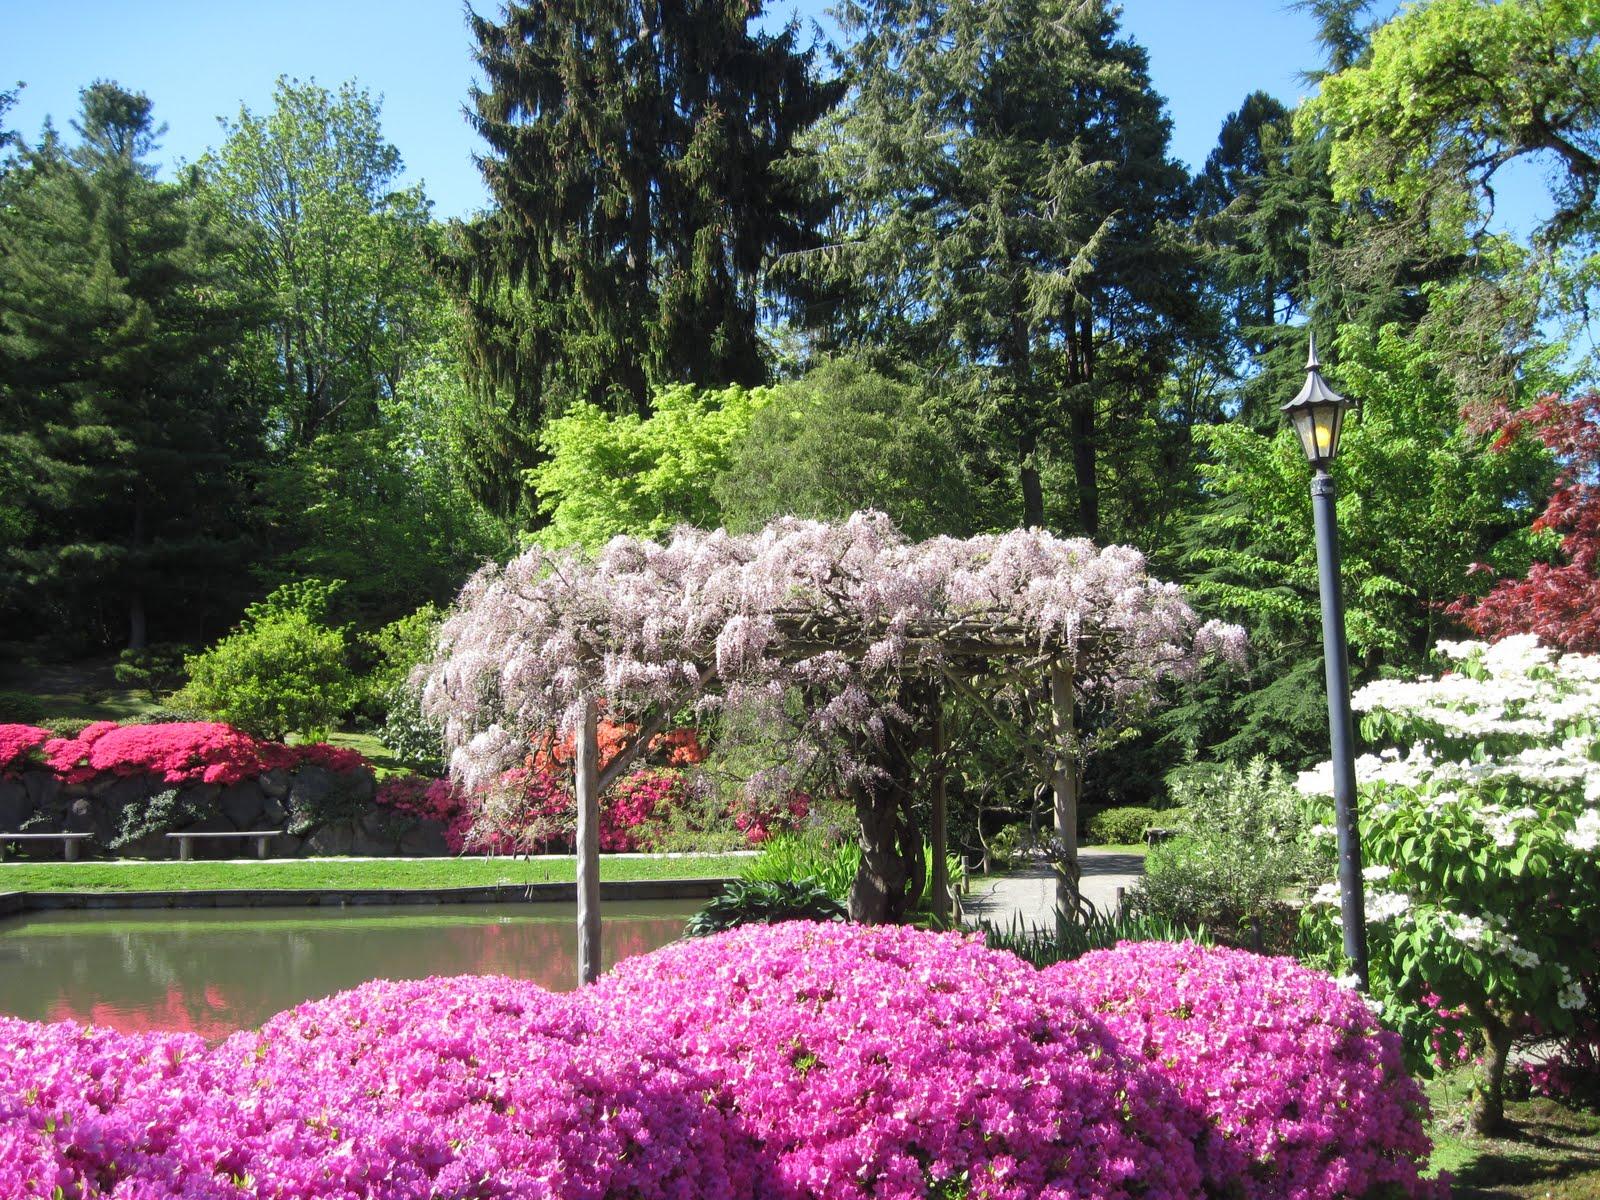 Japan Garden Flowers: The Schramm Journey: Seattle Japanese Garden